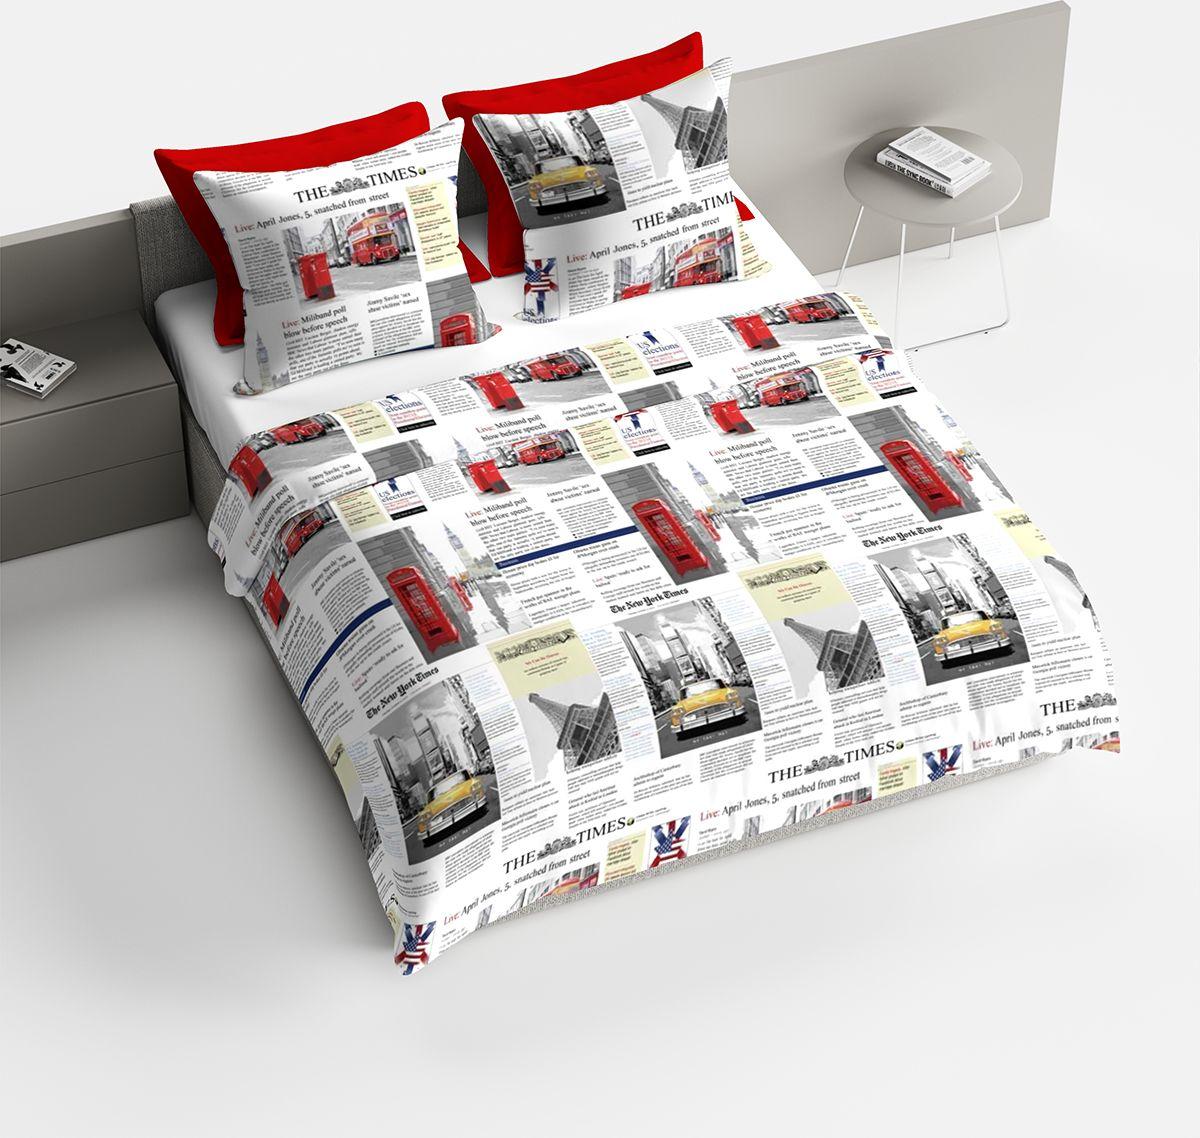 Комплект белья Браво Таймс, евро, наволочки 70x70, цвет: красный. 3687-187746